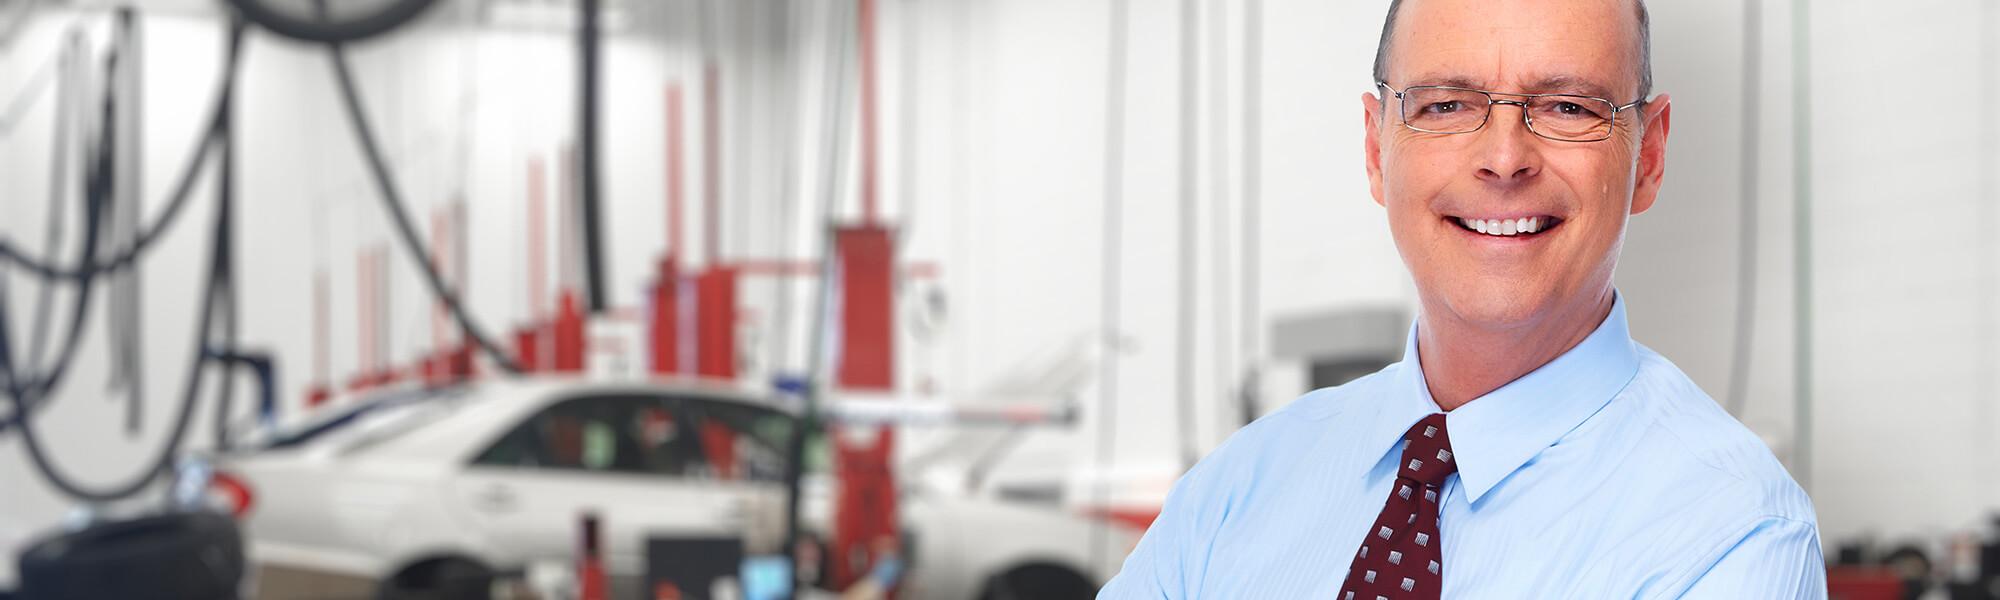 autohaus-ulmen-reparaturfinanzierung